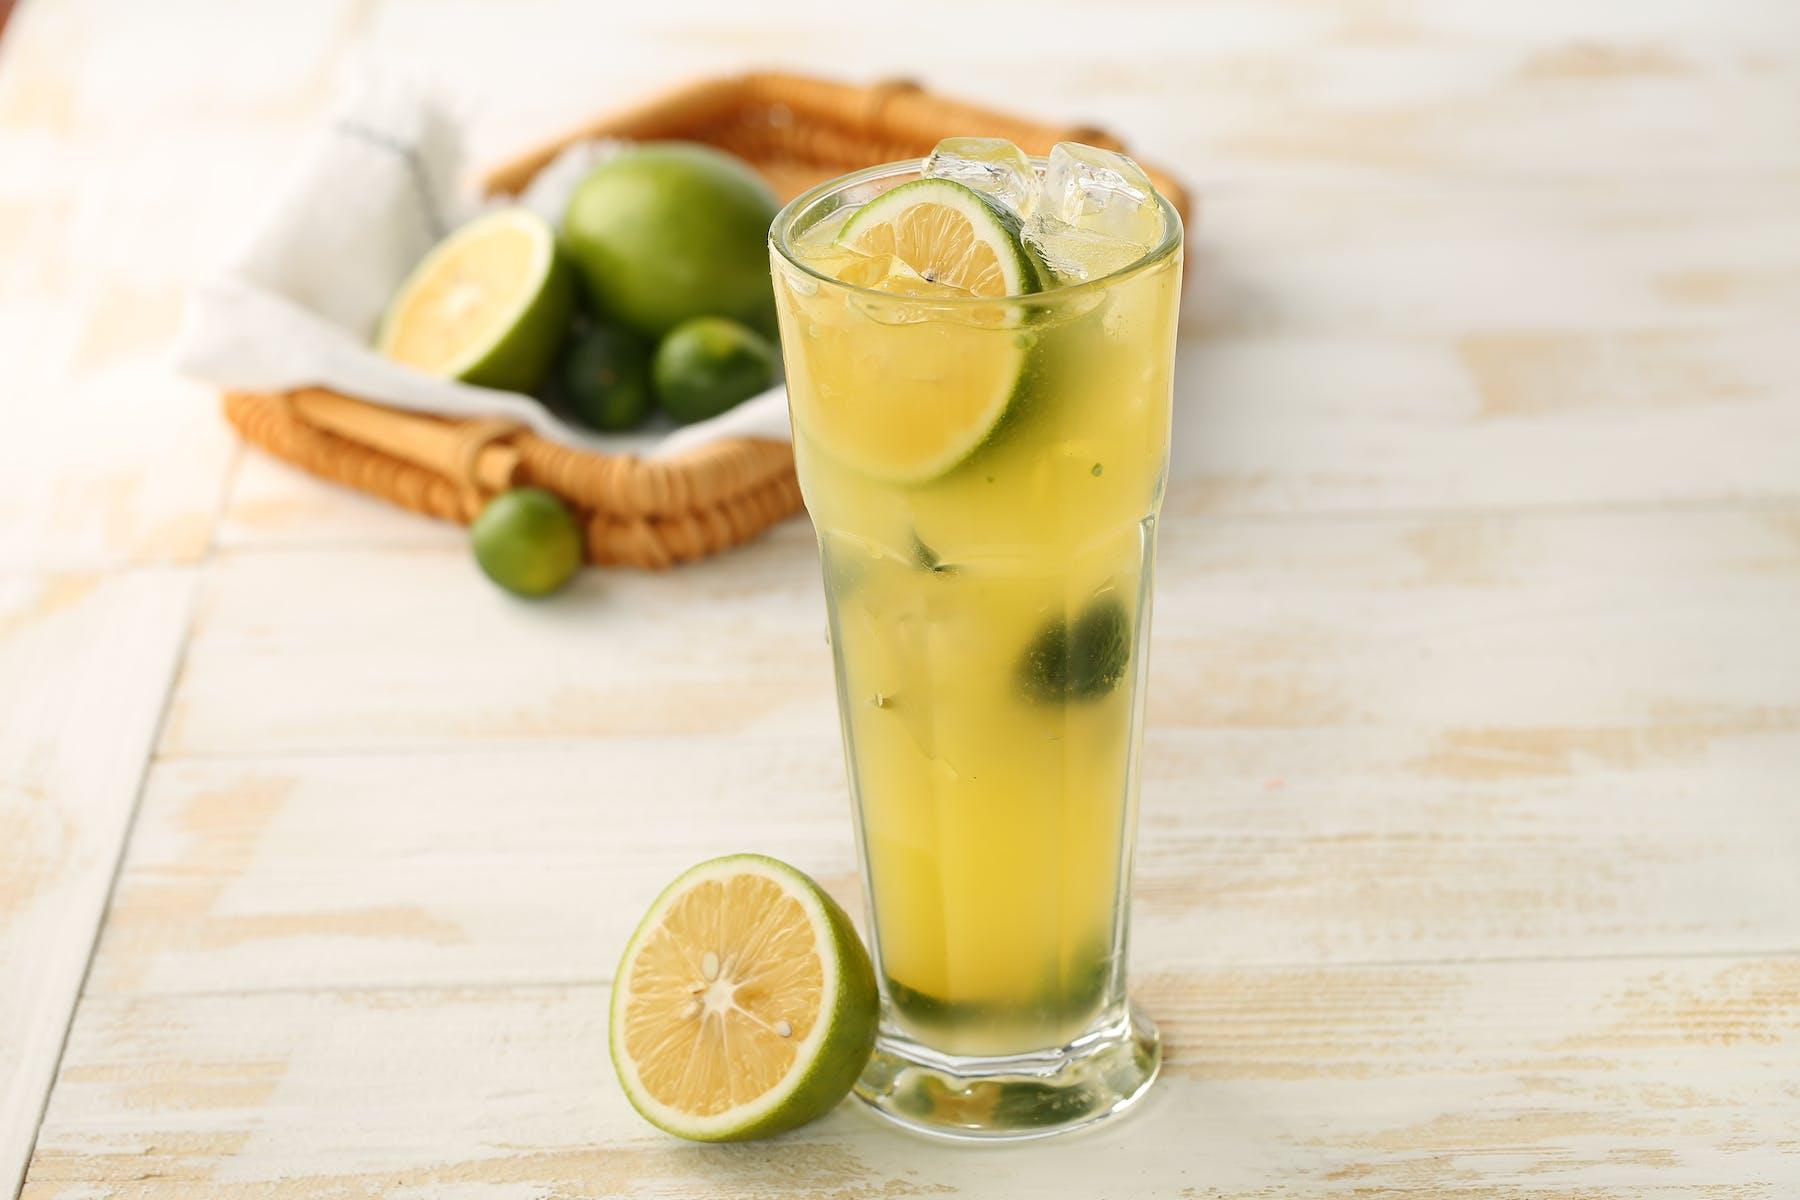 a glass of lemonade sitting next to a sliced lemonade